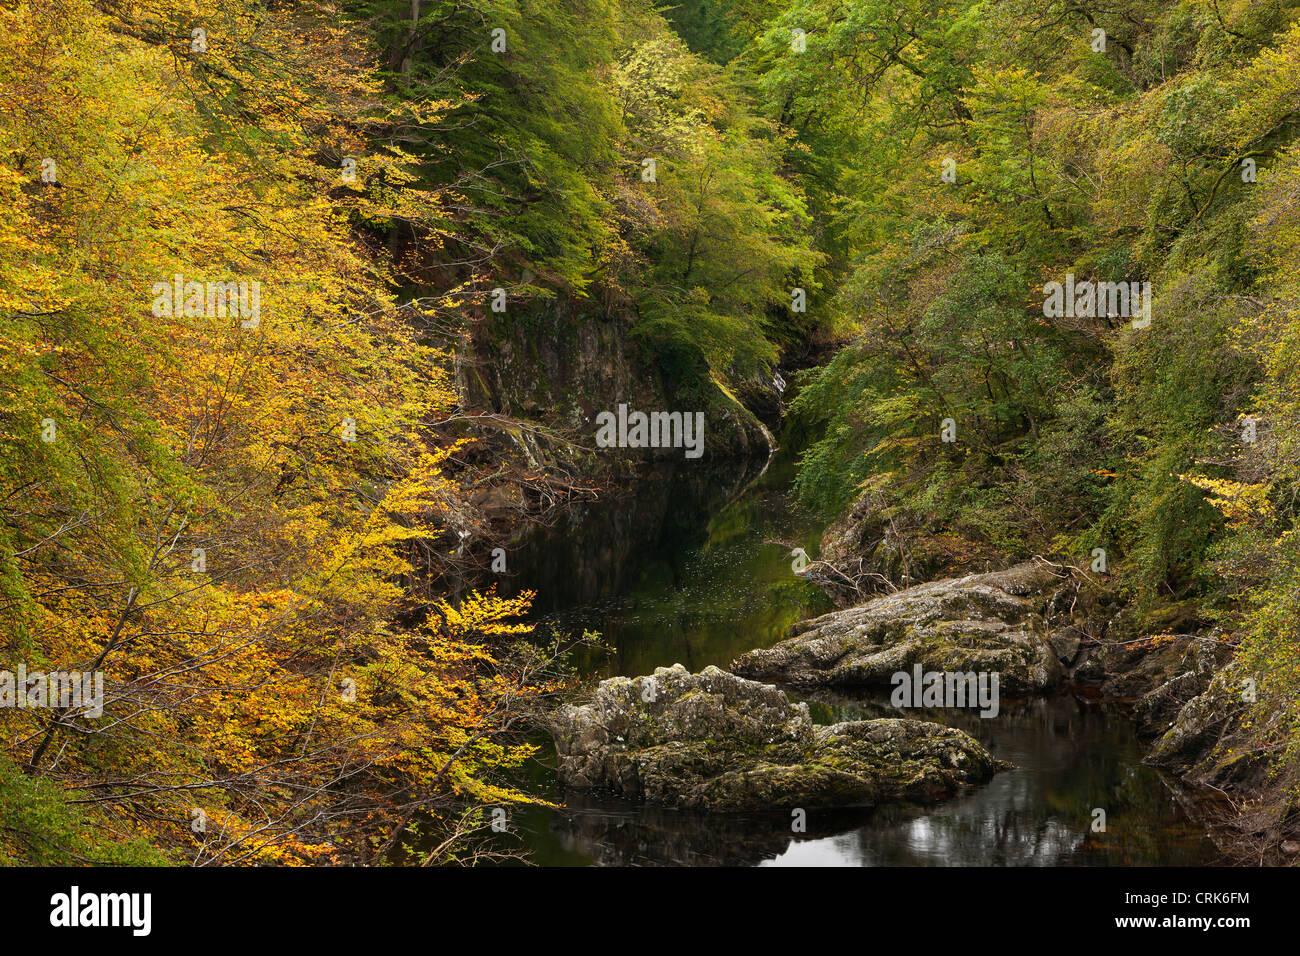 Le col de Killiecrankie et la rivière Garry, Perthshire, Écosse Banque D'Images